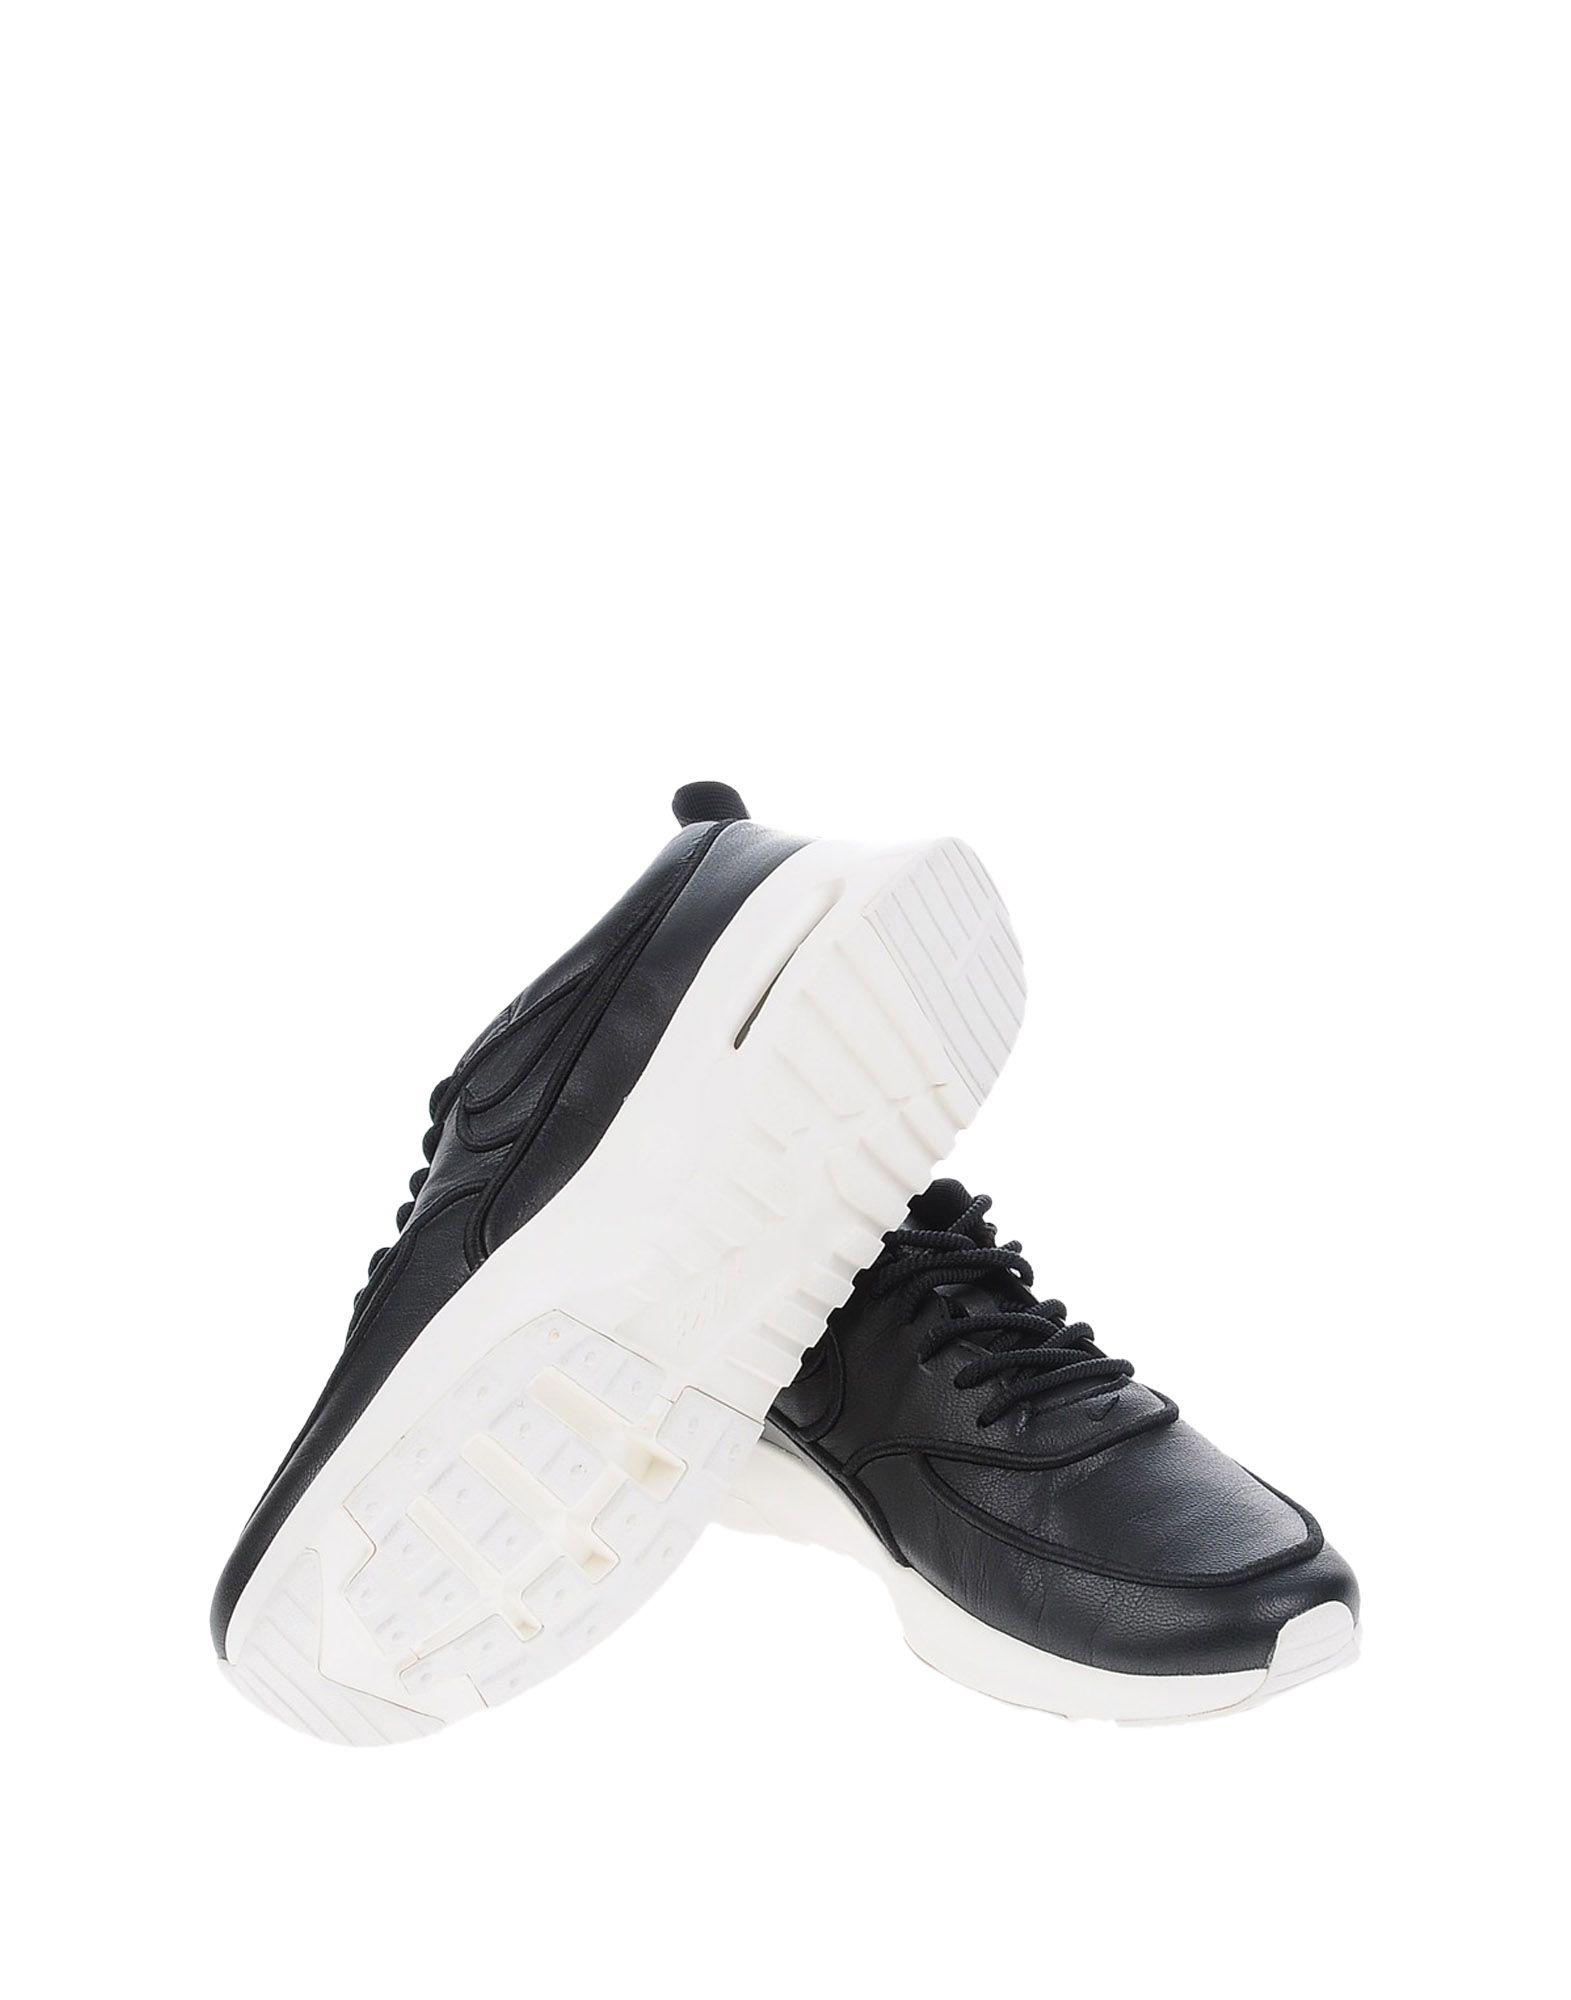 Nike    Air Max Thea Ultra Si   11203054SK Gute Qualität beliebte Schuhe 8ab15b